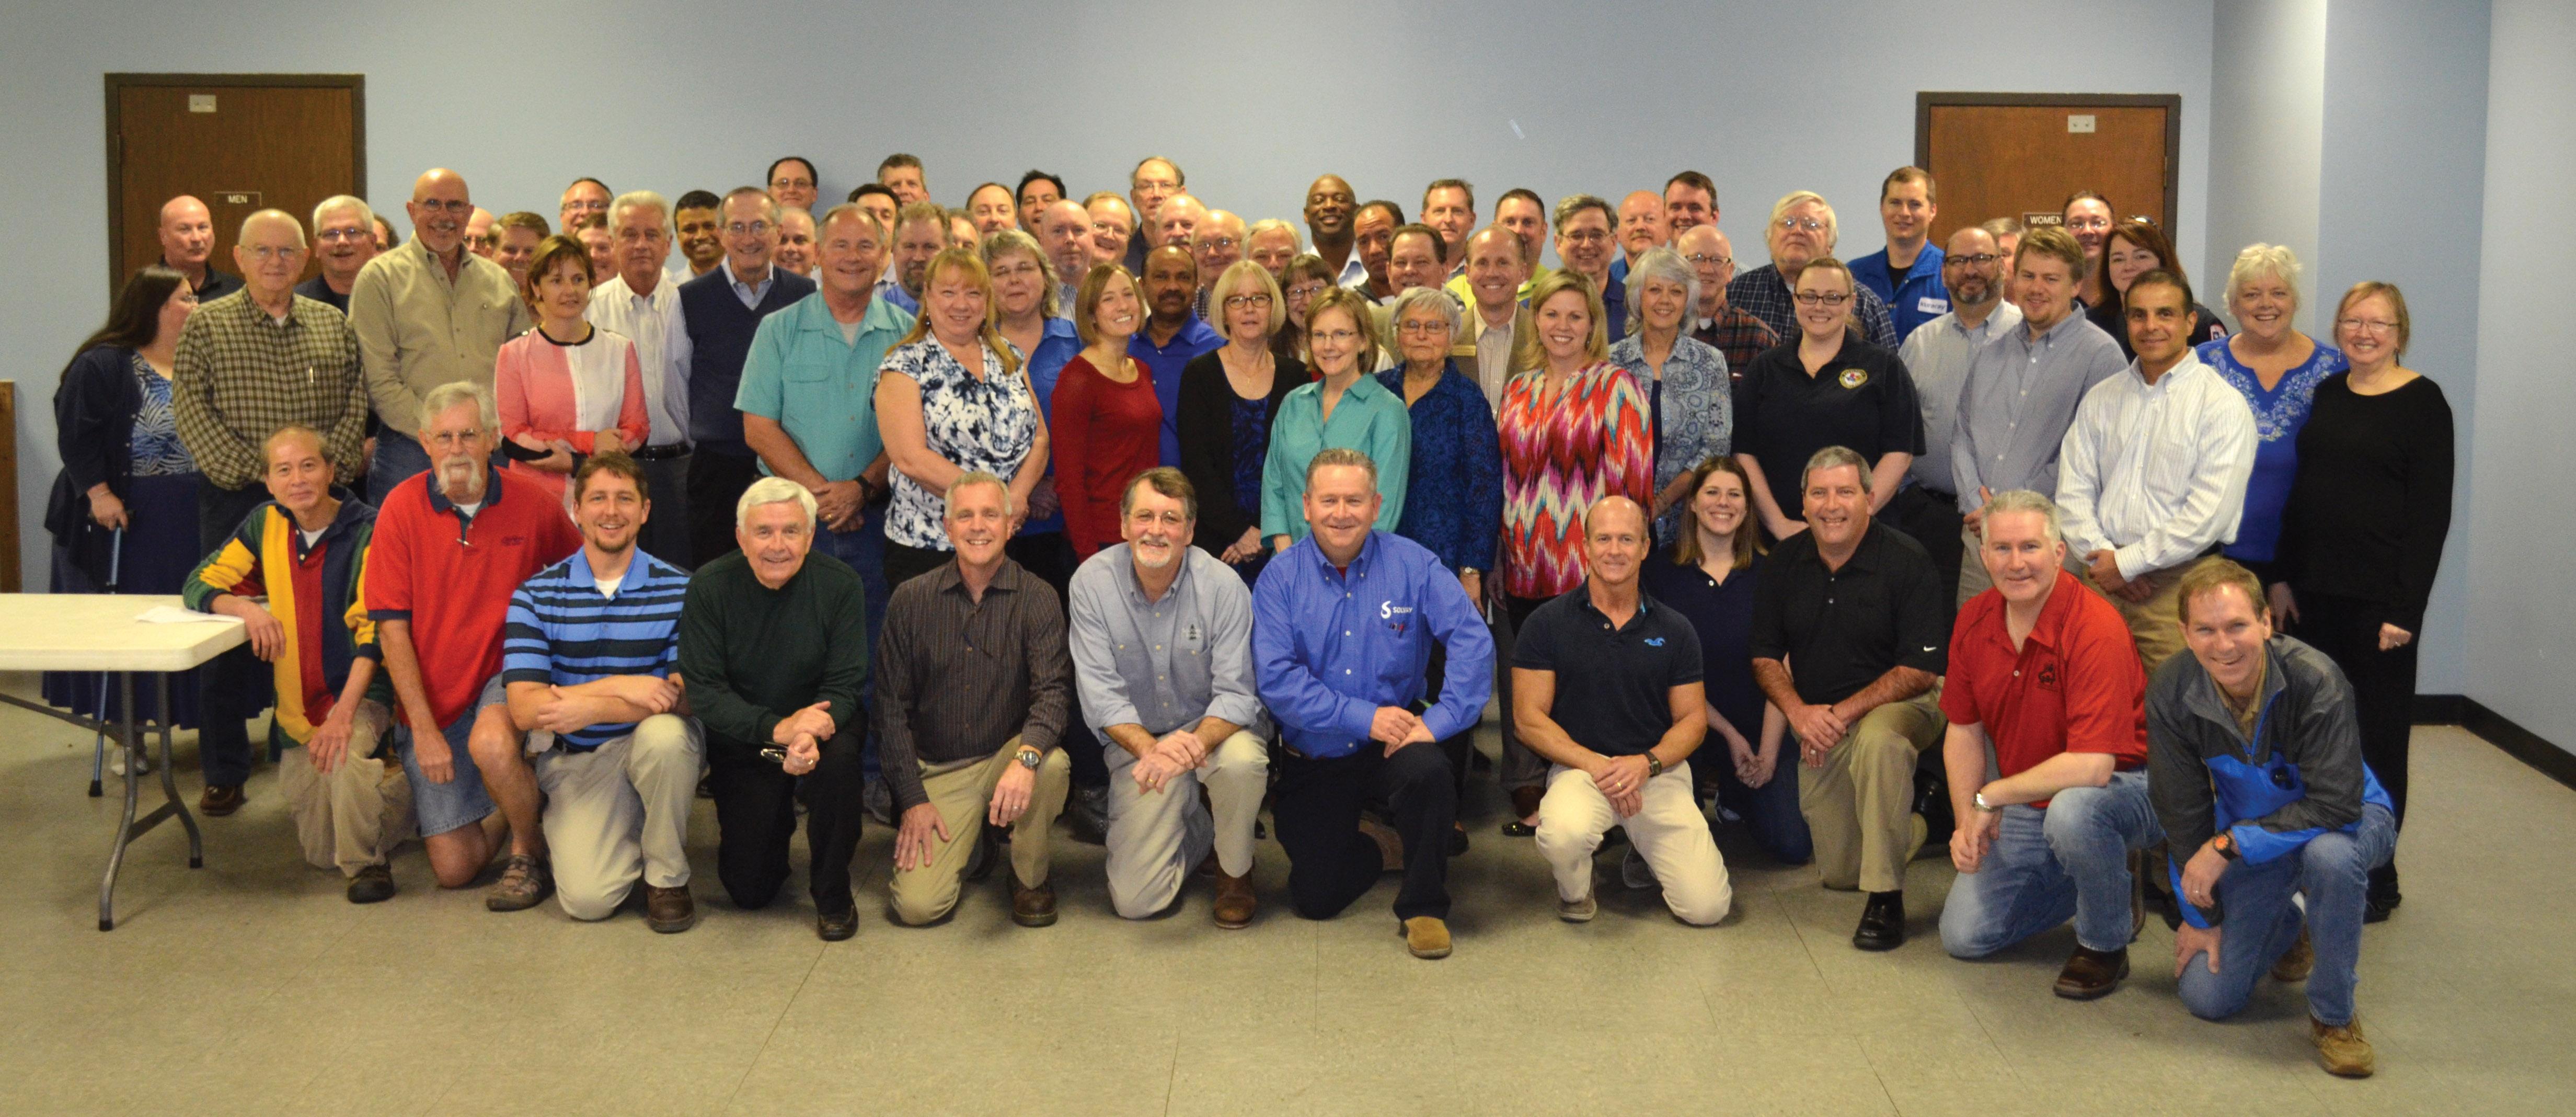 La Porte Citizen's Advisory Council